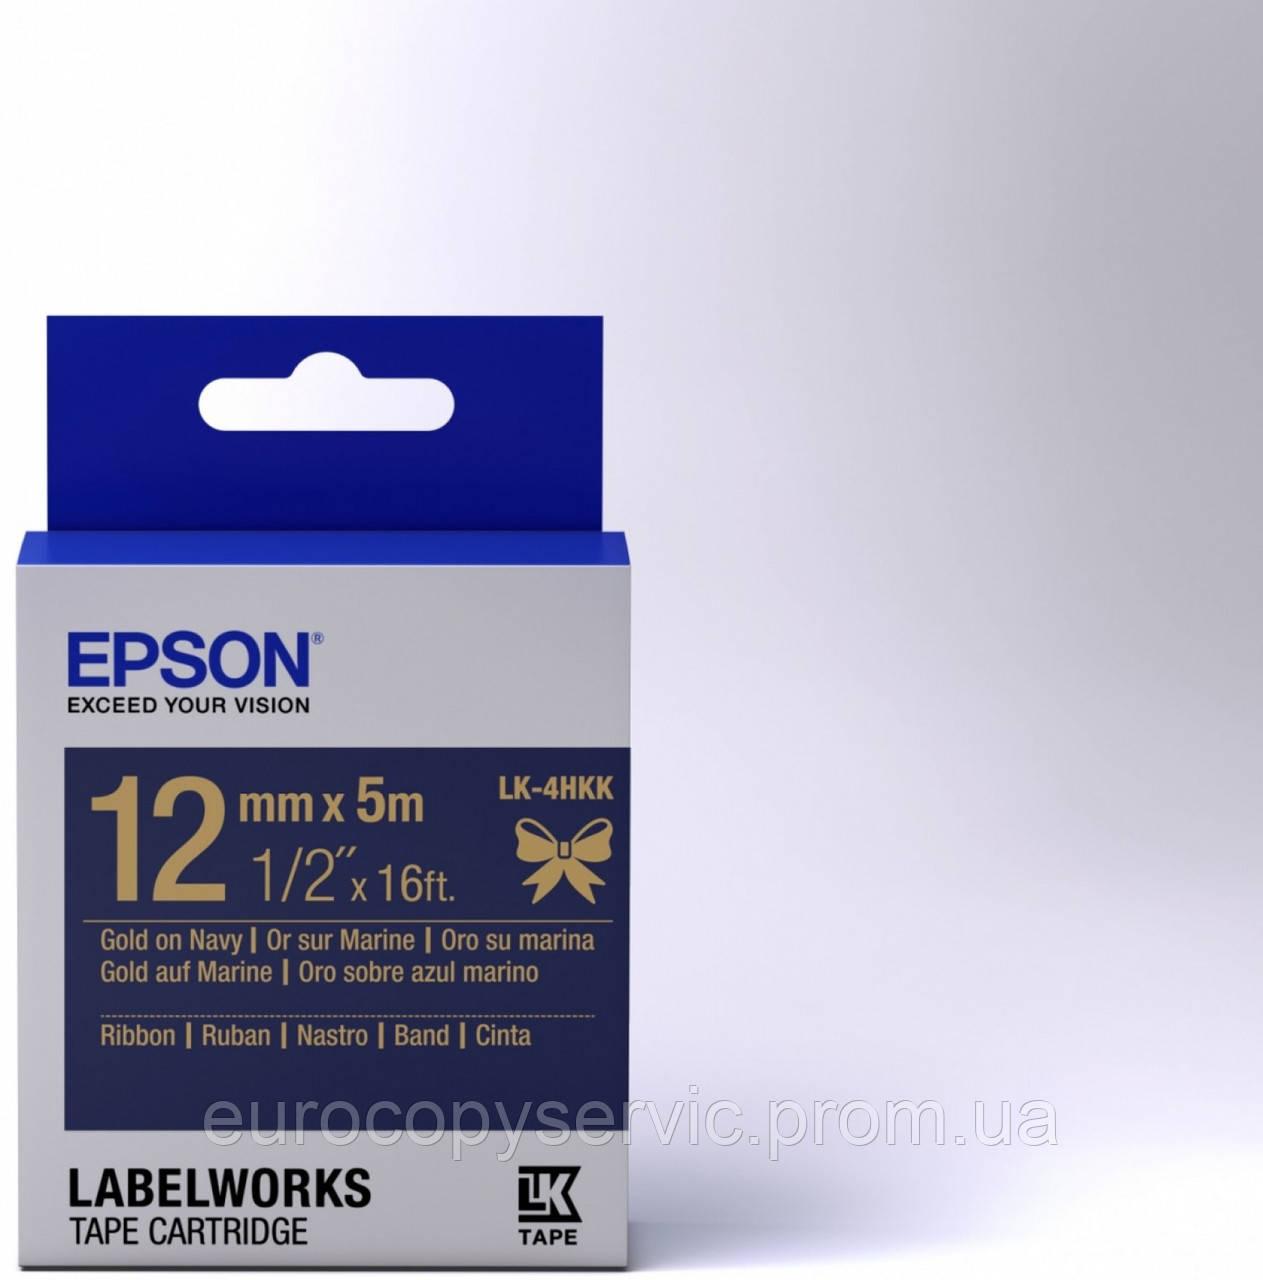 Картридж зі стрічкою Epson LK4HKK Ribbon Gold/Navy 12mm/5m (C53S654002) Original